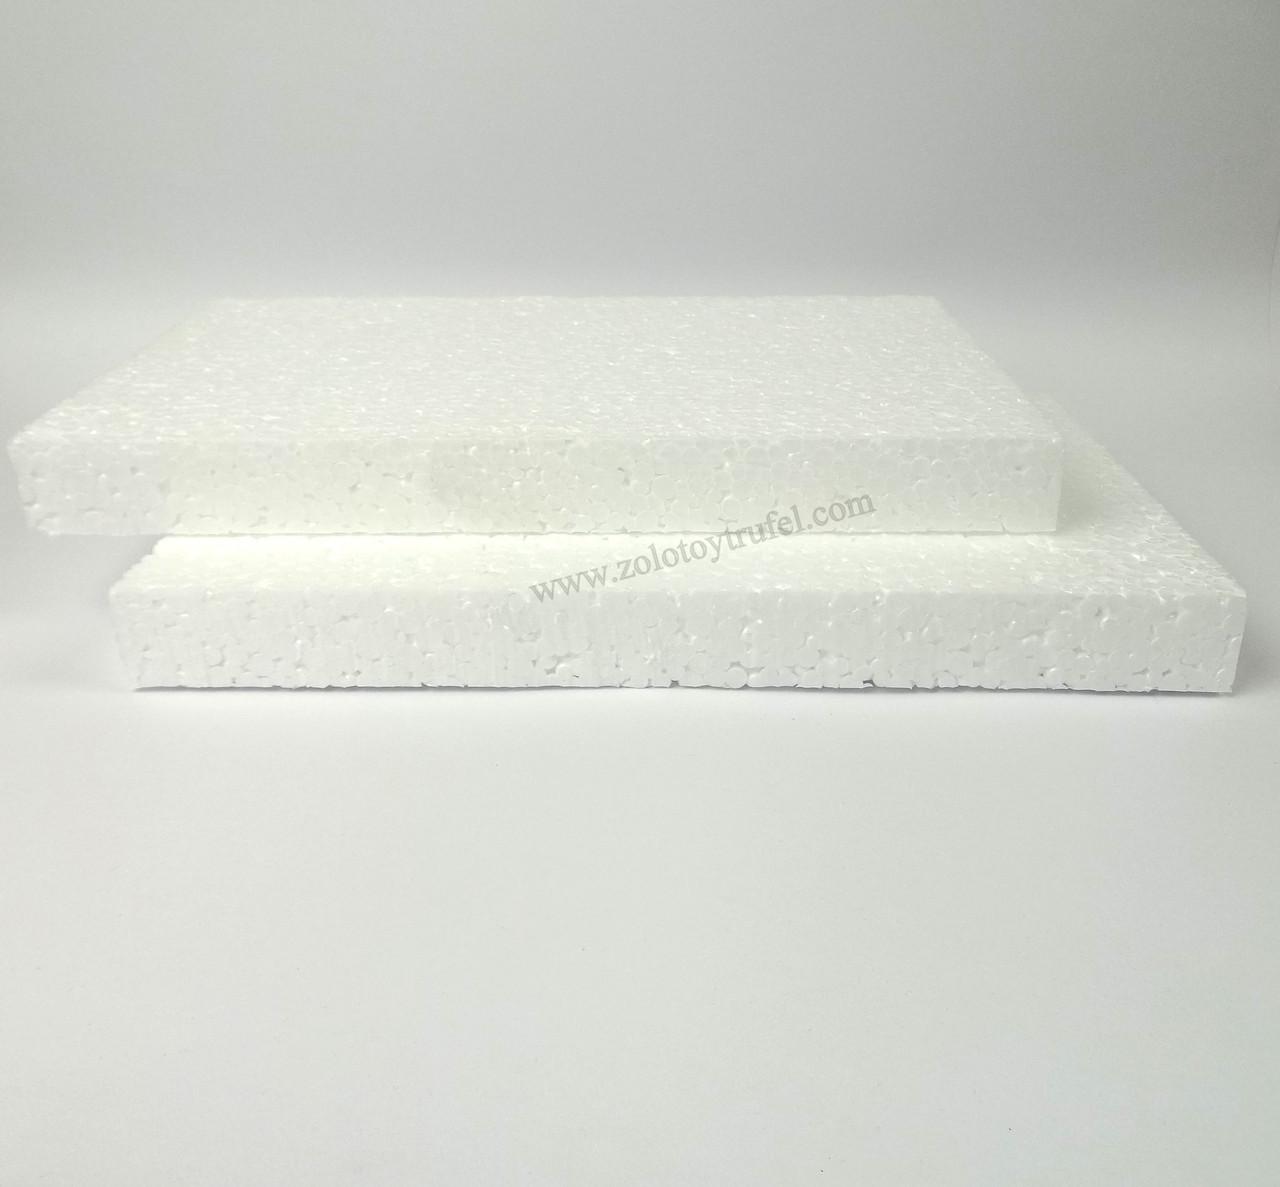 Прослойки пенопластовые для торта 8*8 см h 3 см